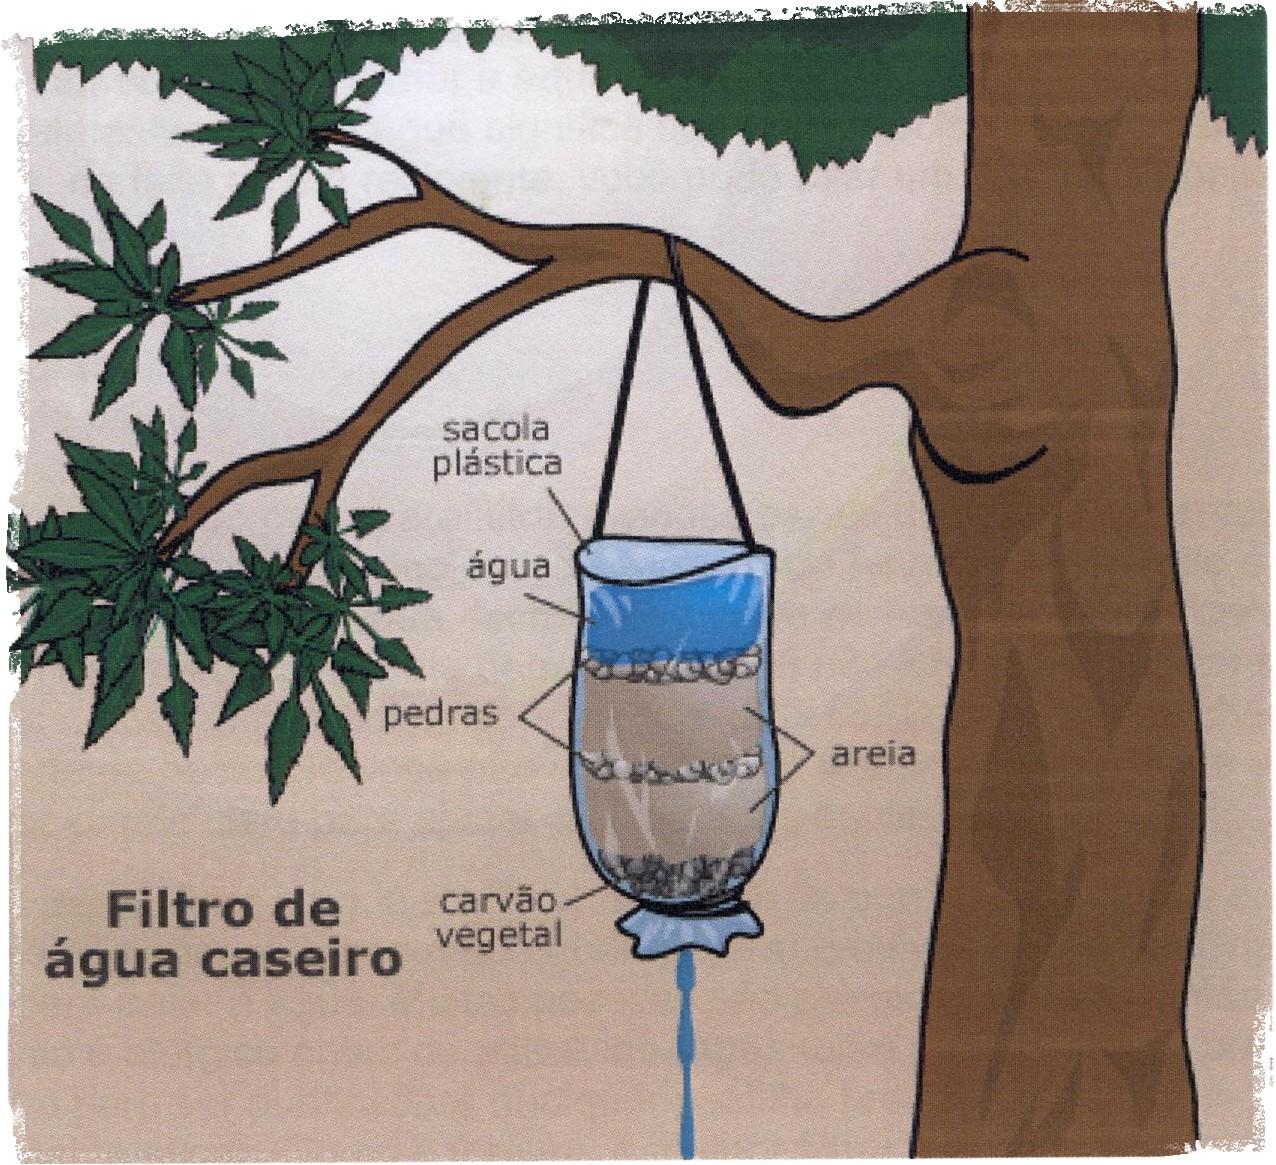 Походный фильтр для очистки воды своими руками